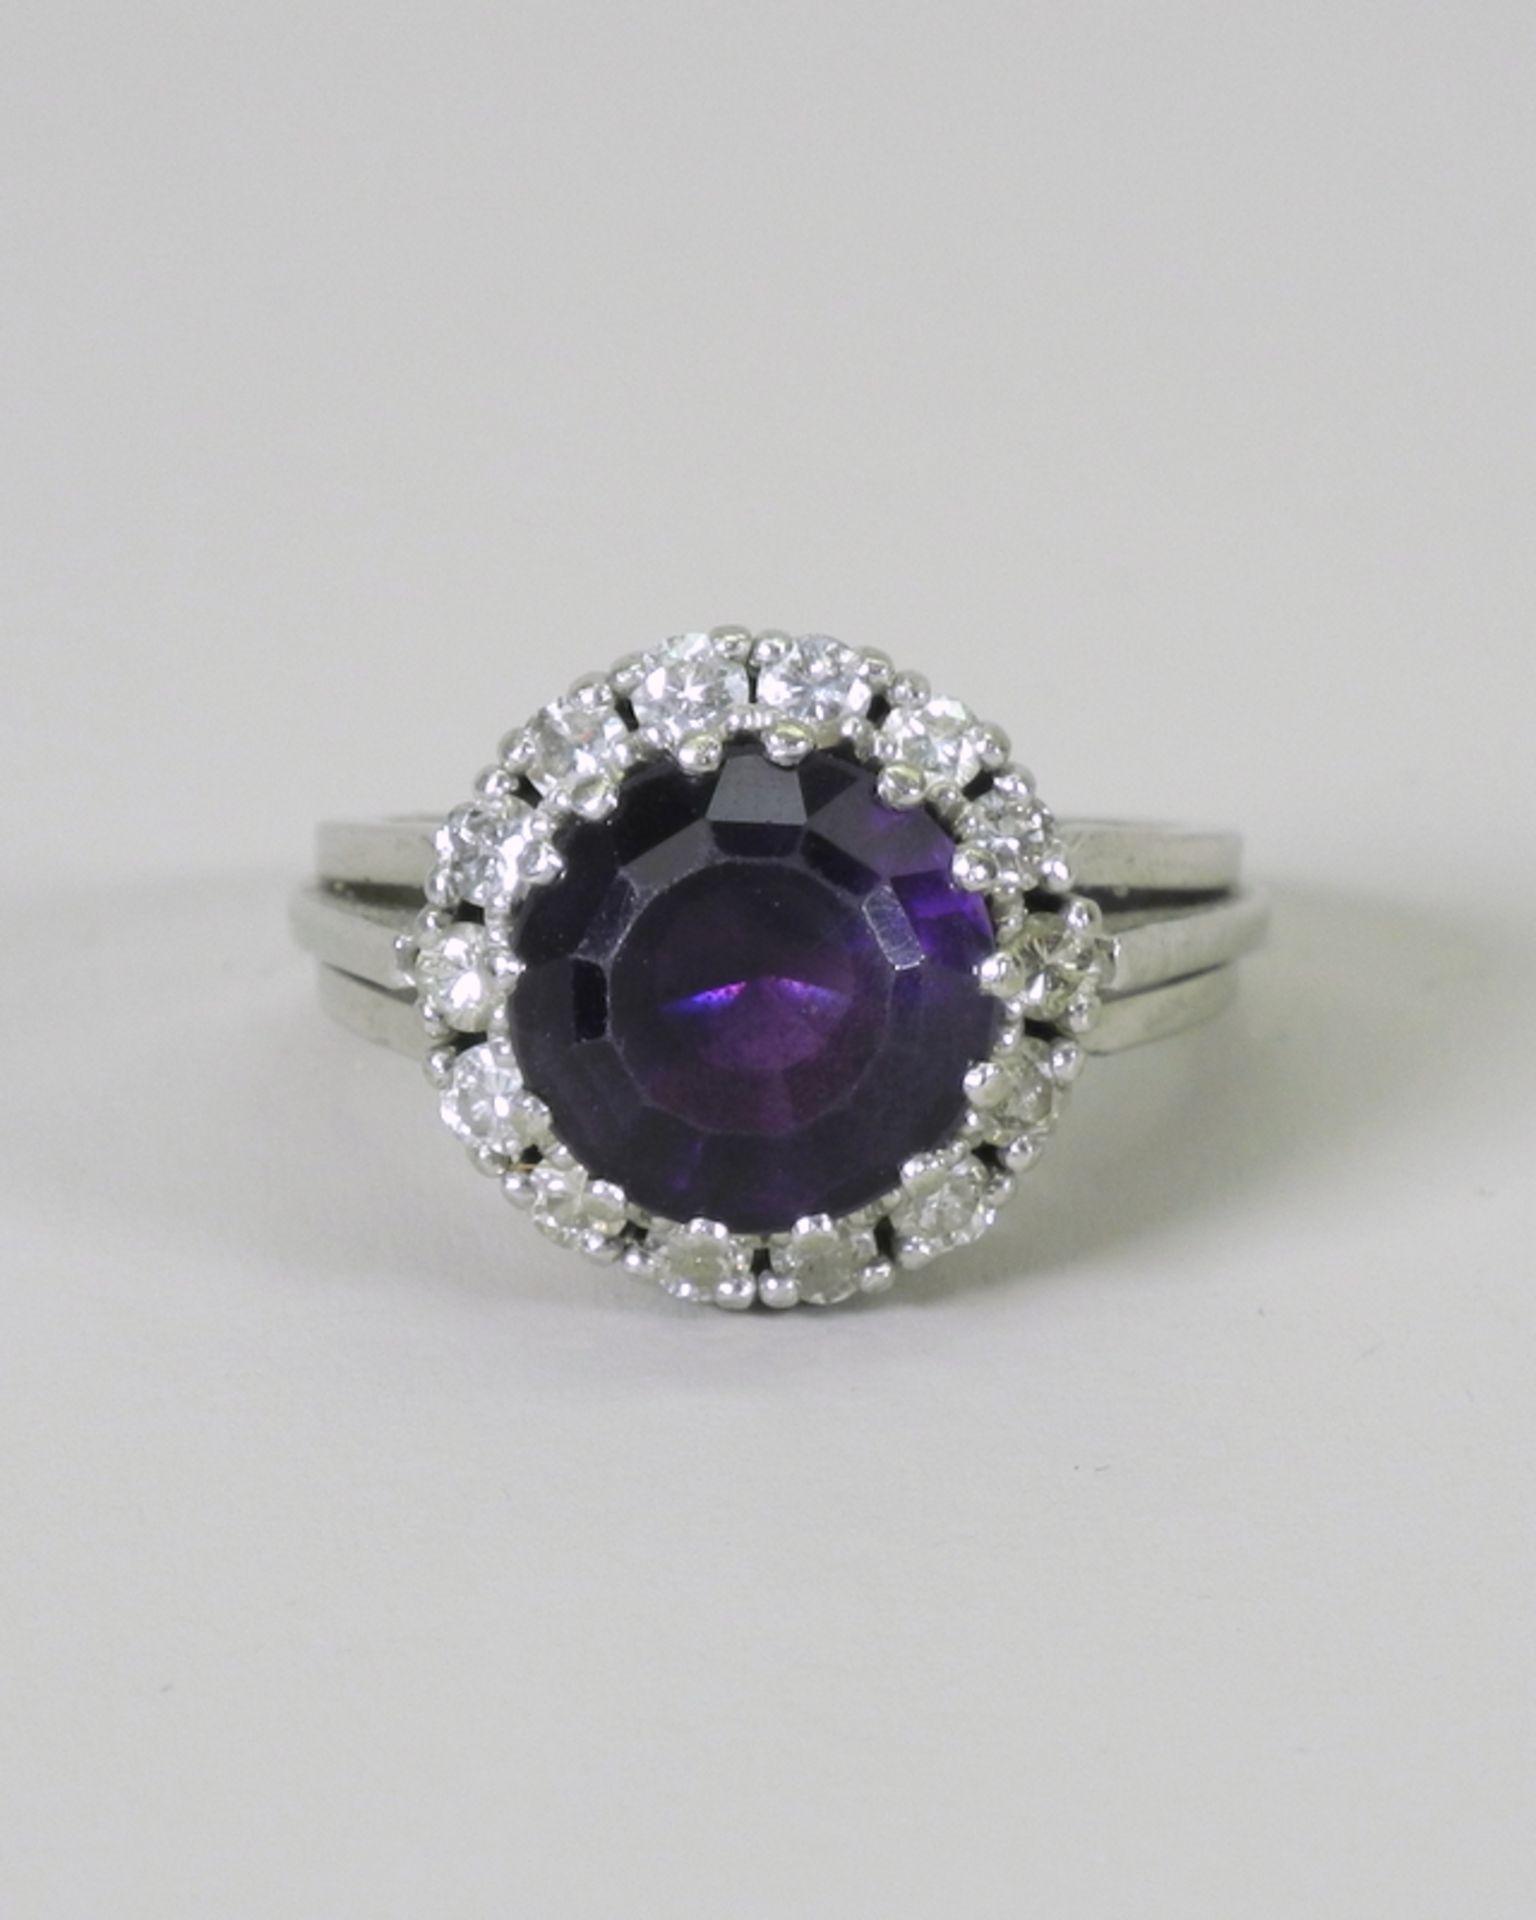 Großer Amethyst-Diamant-Ring14 K. weißgoldener Diamant-Ring mit einem Zentralstein A - Image 2 of 5